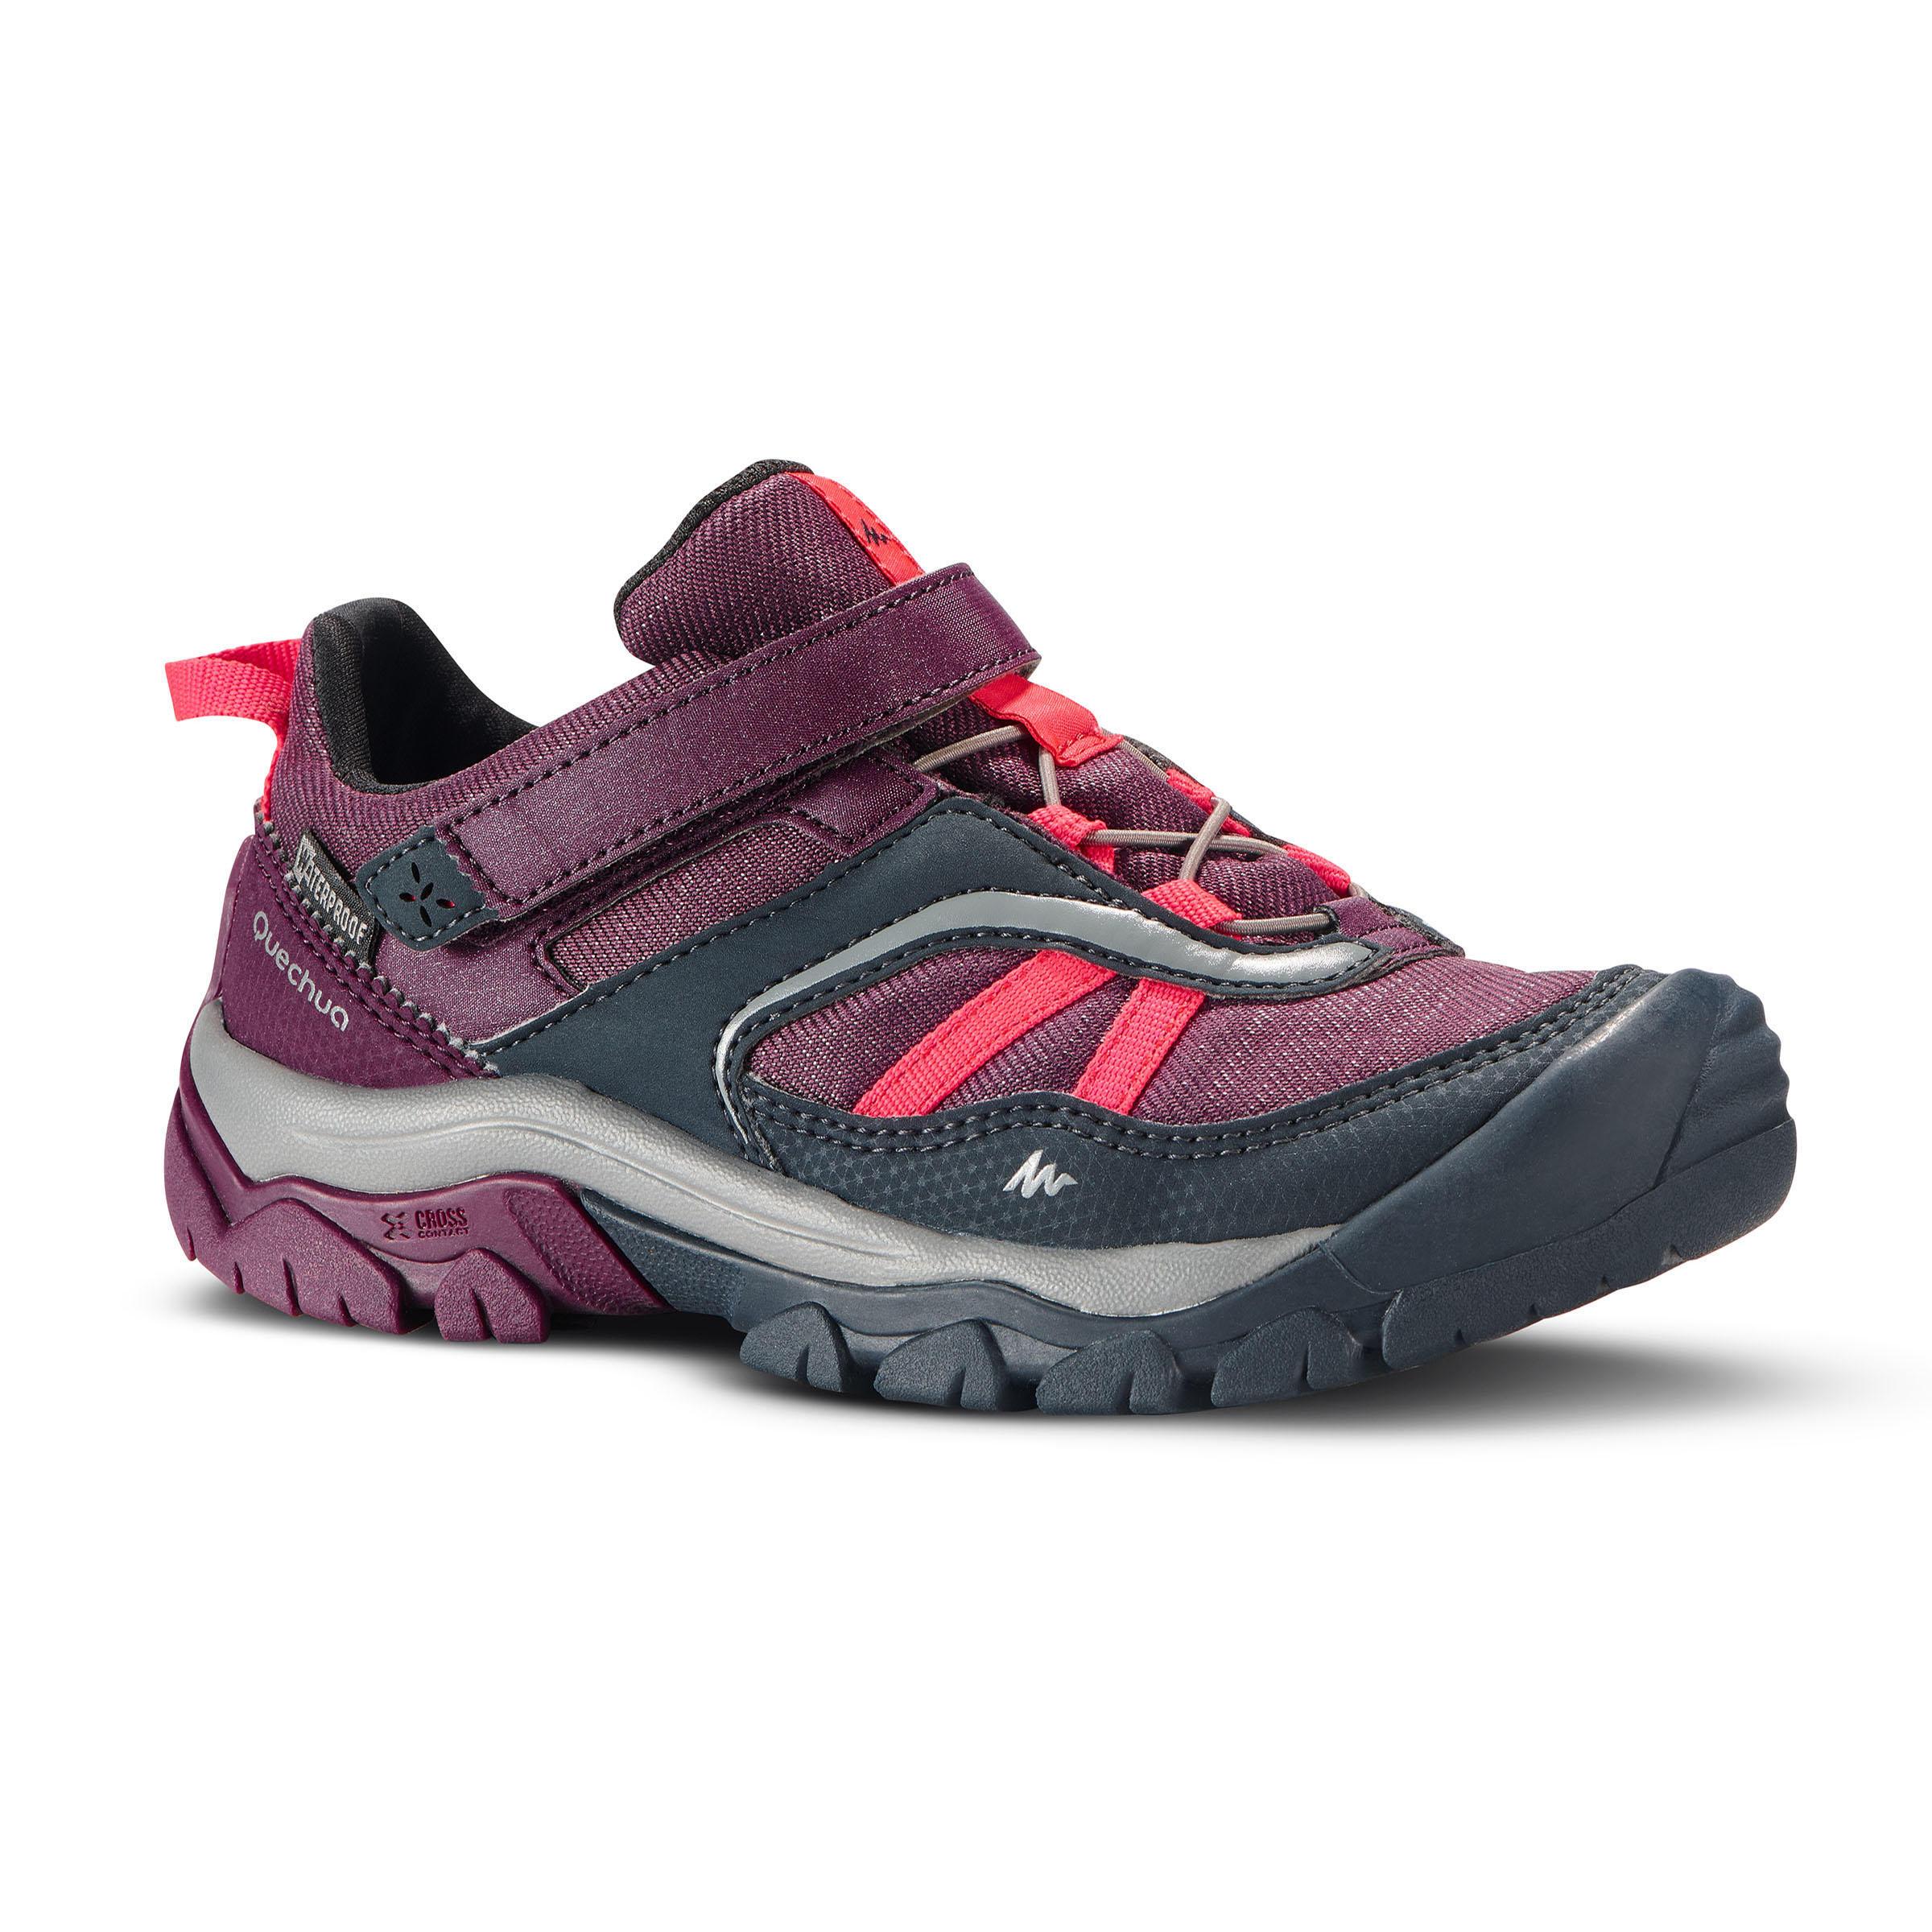 233484ccbe3 Comprar Zapatillas Escolares para Niños Online